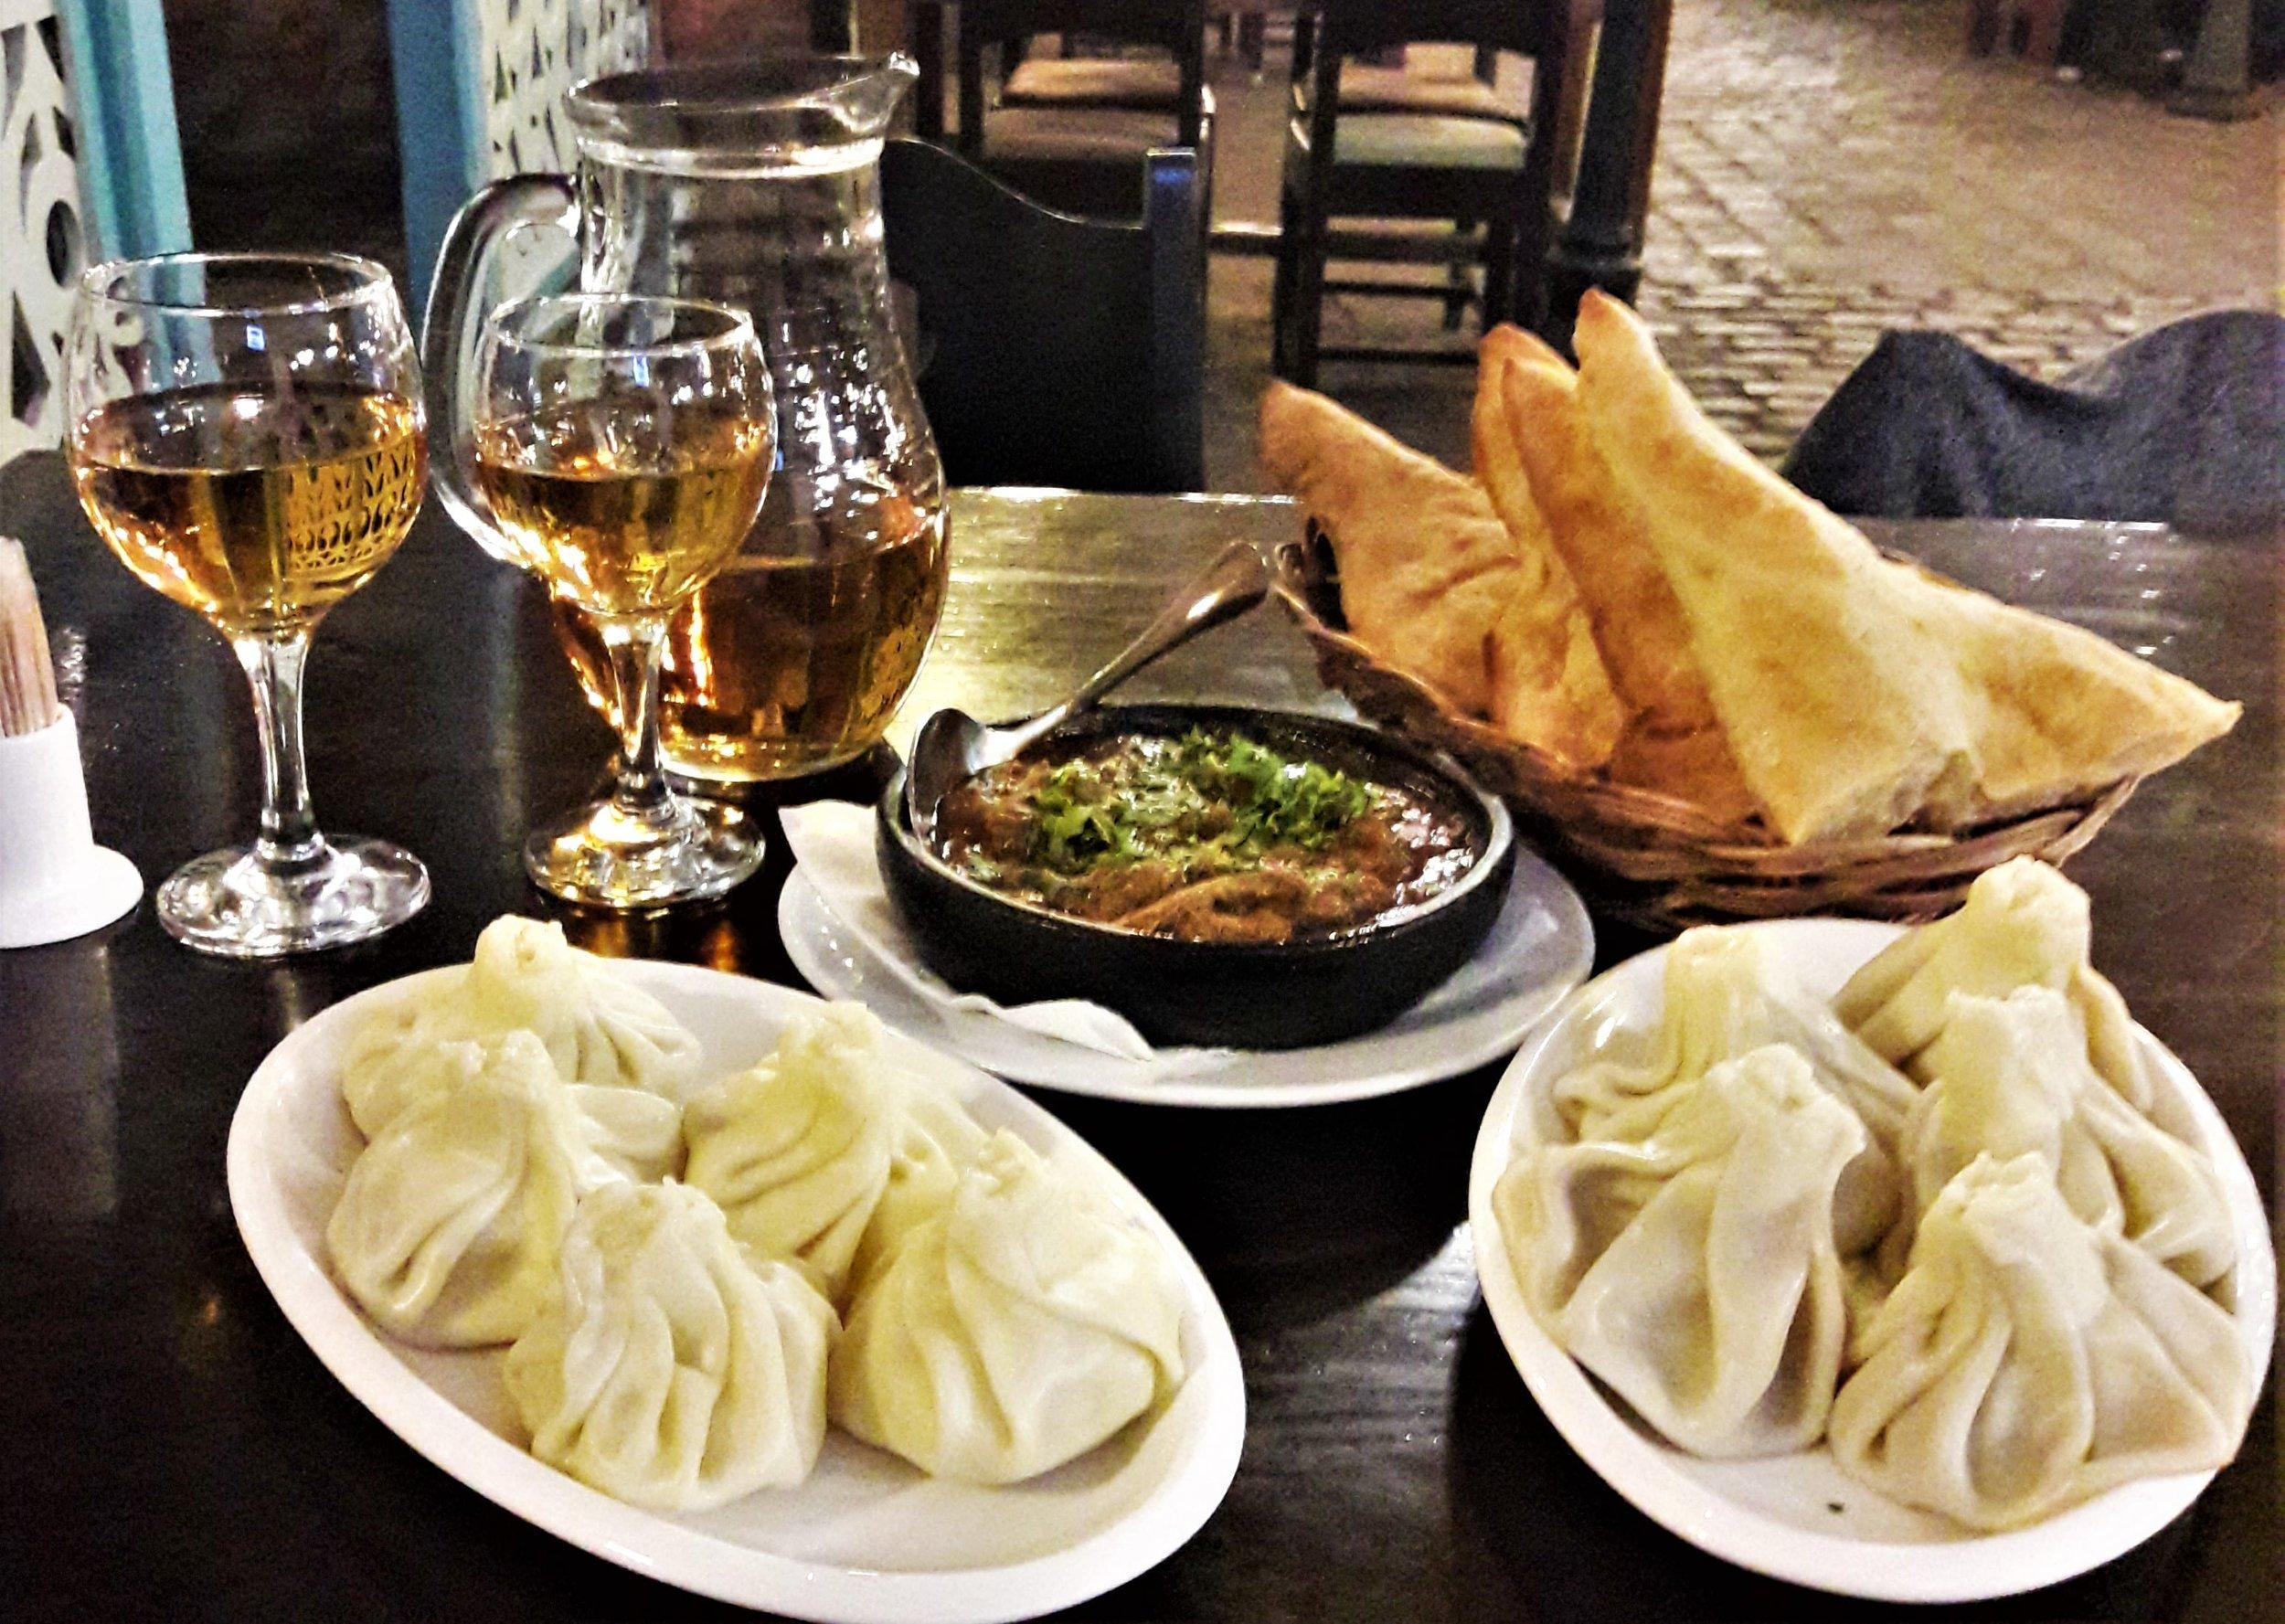 khinkali georgian dumplings-min.jpg